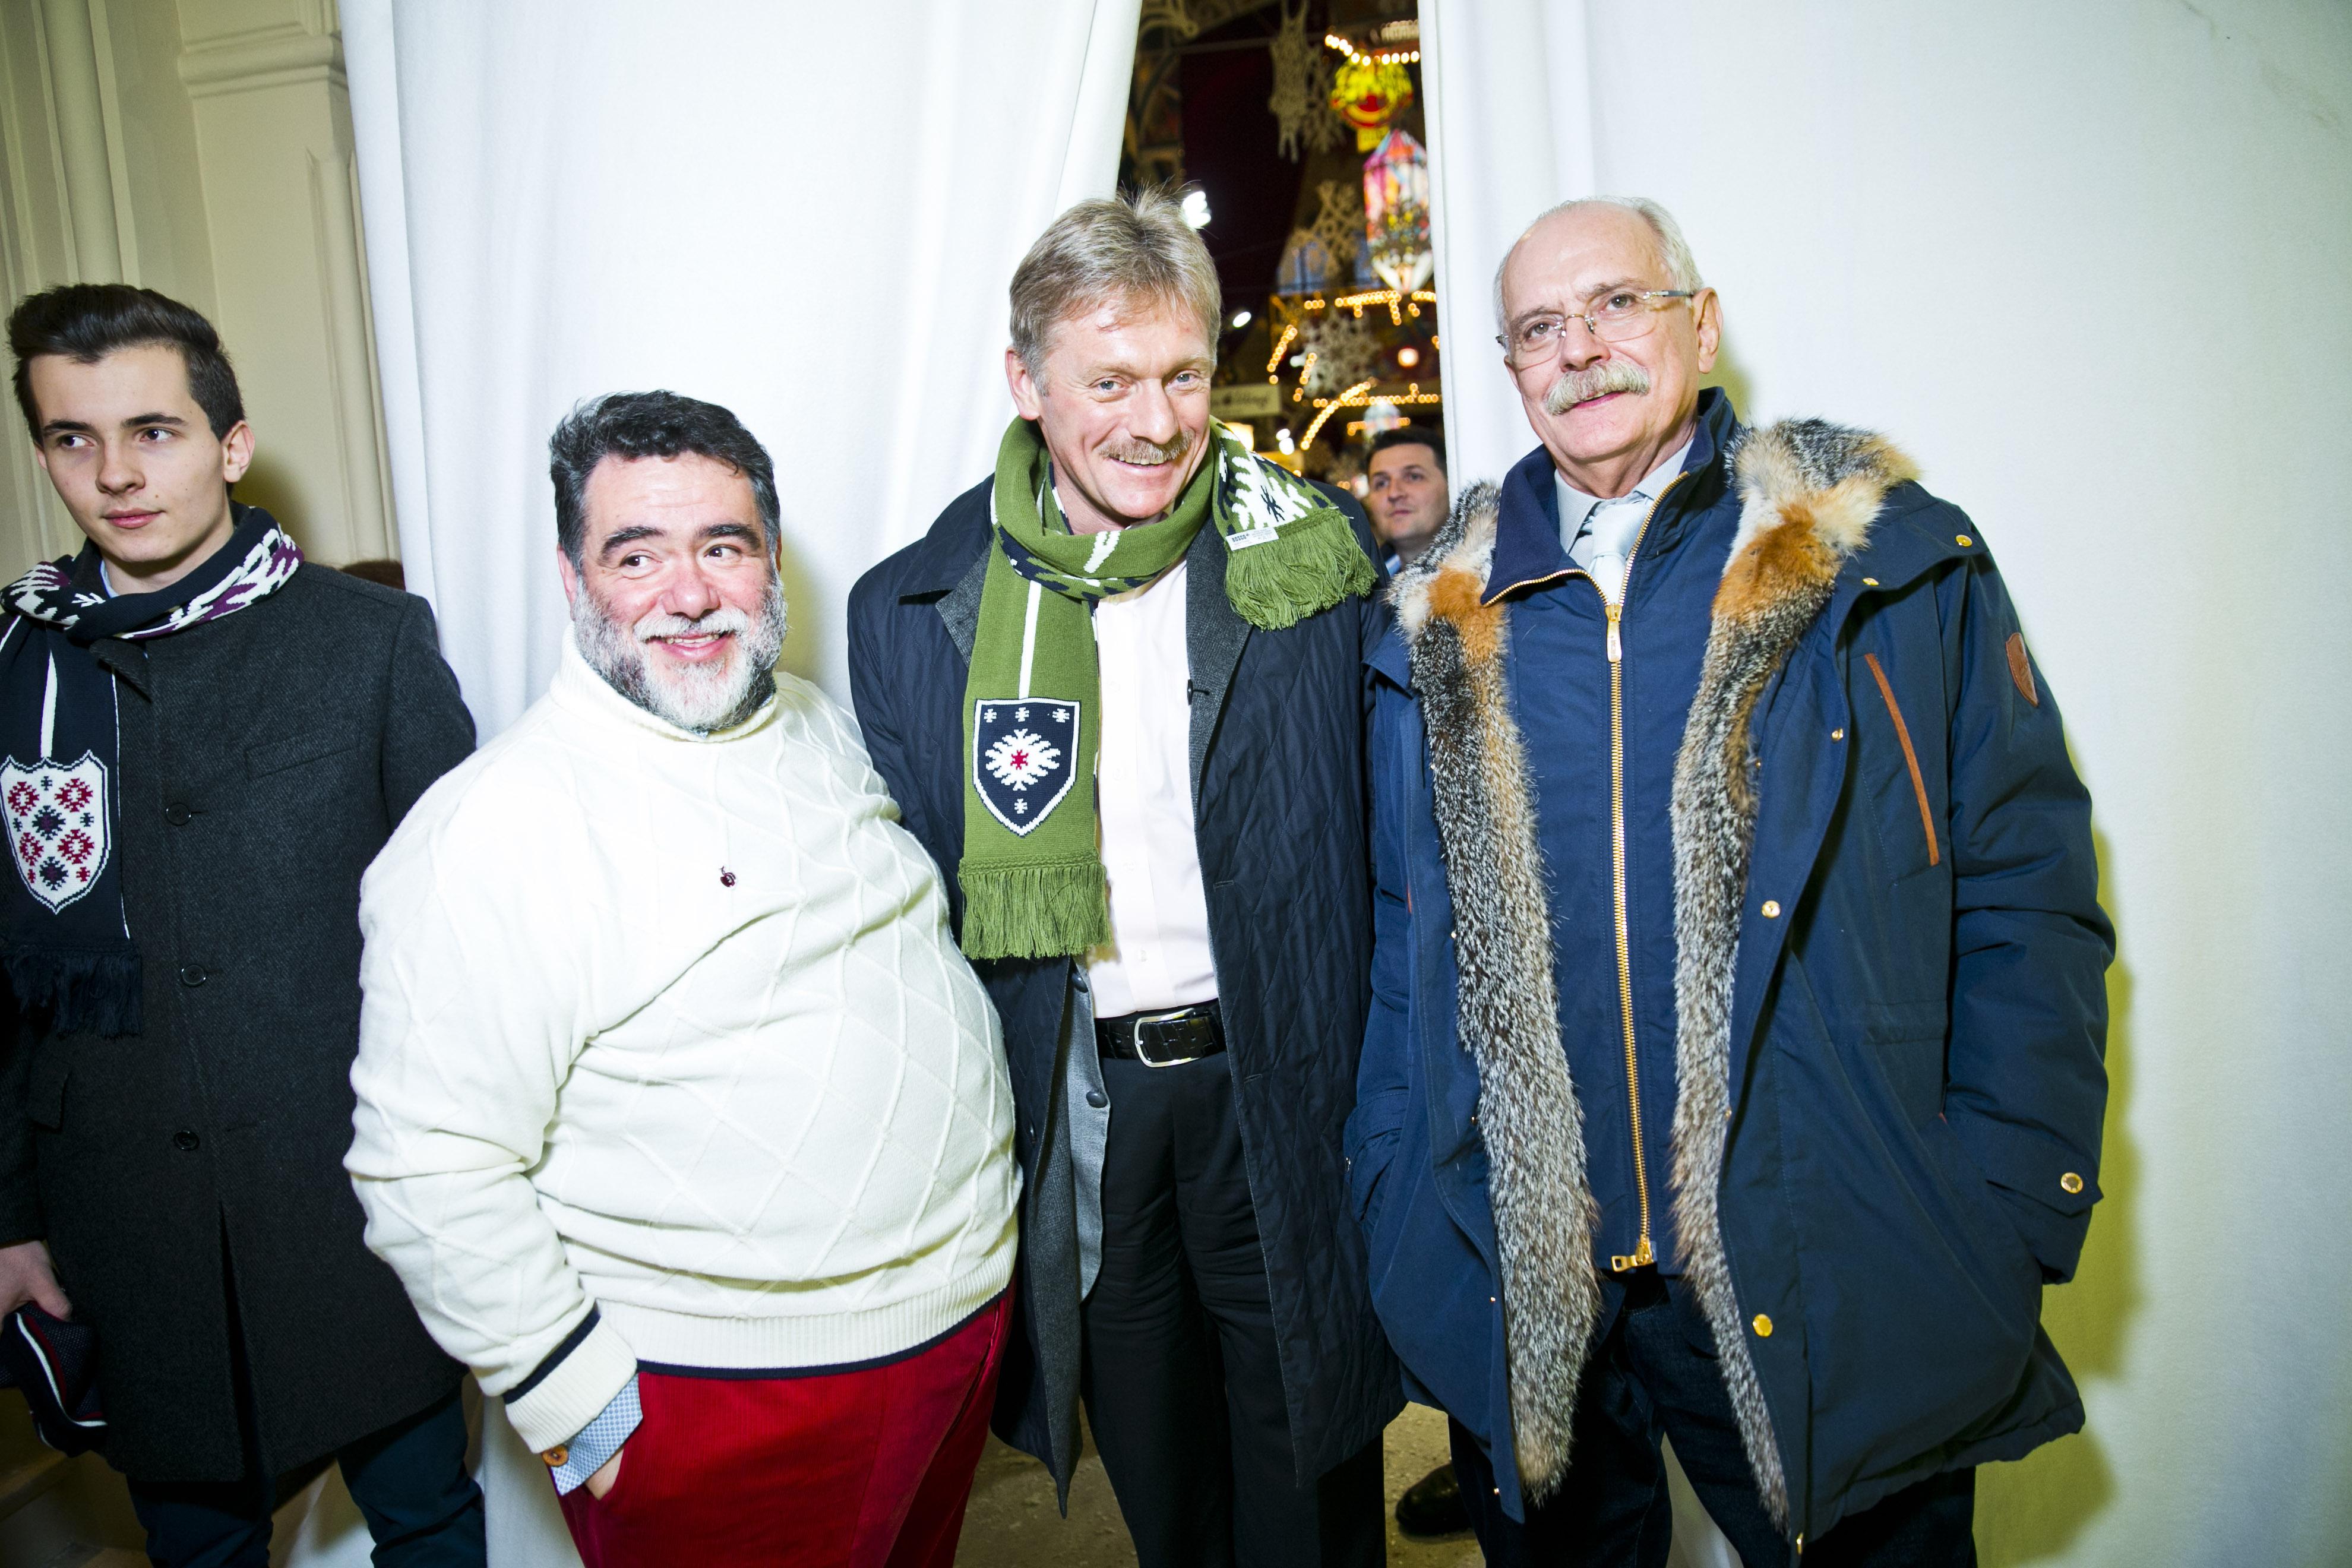 Михаил Куснирович (Bosco), пресс-секретарь Владимира Путина Дмитрий Песков и режиссер Никита Михалков